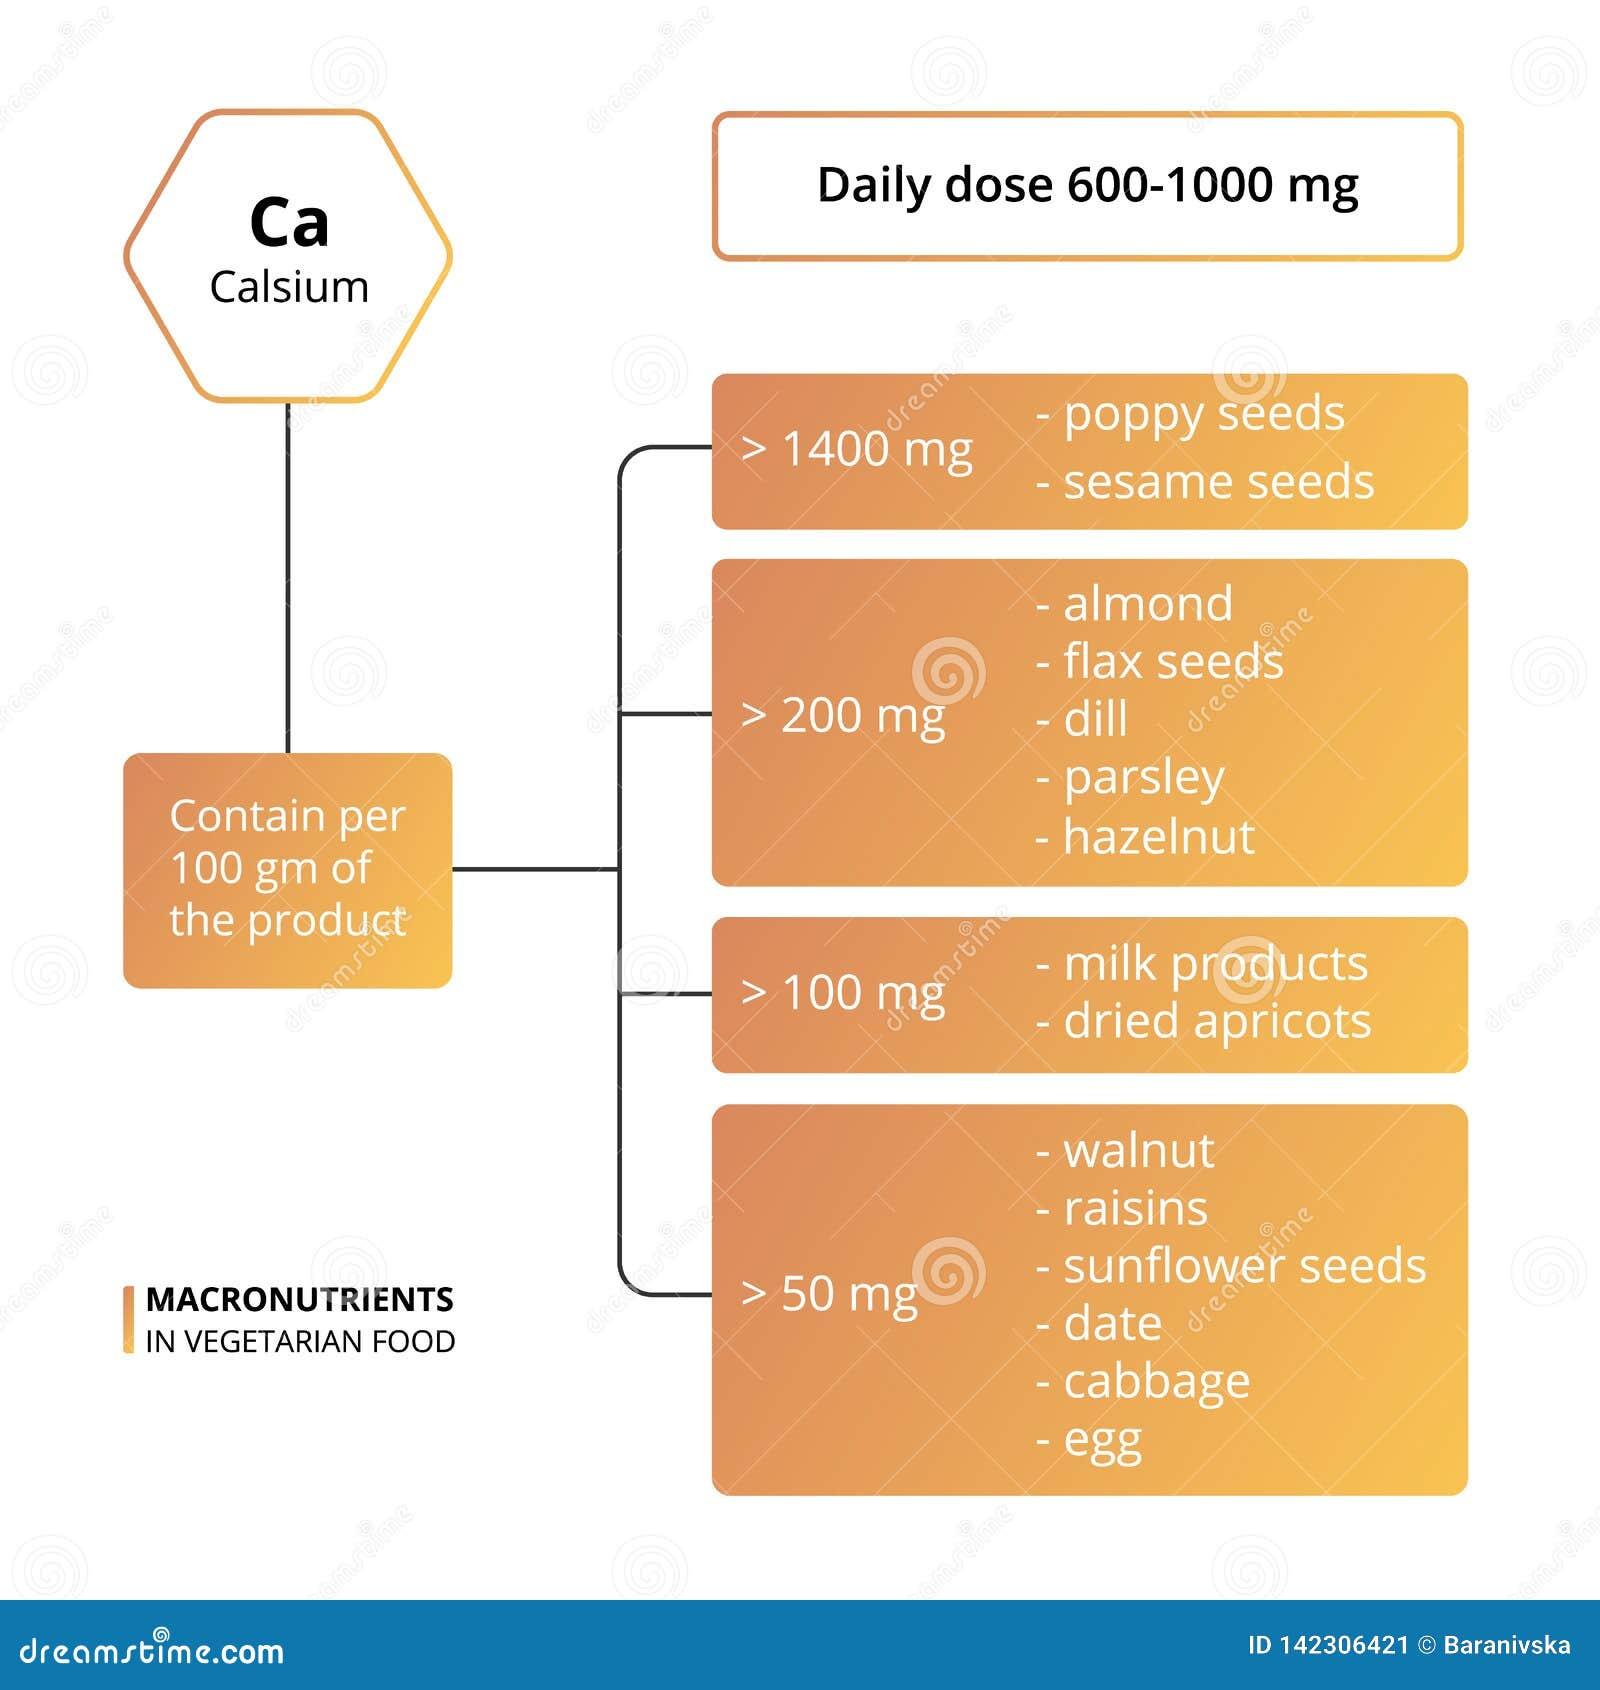 Calcium basic macronutrients